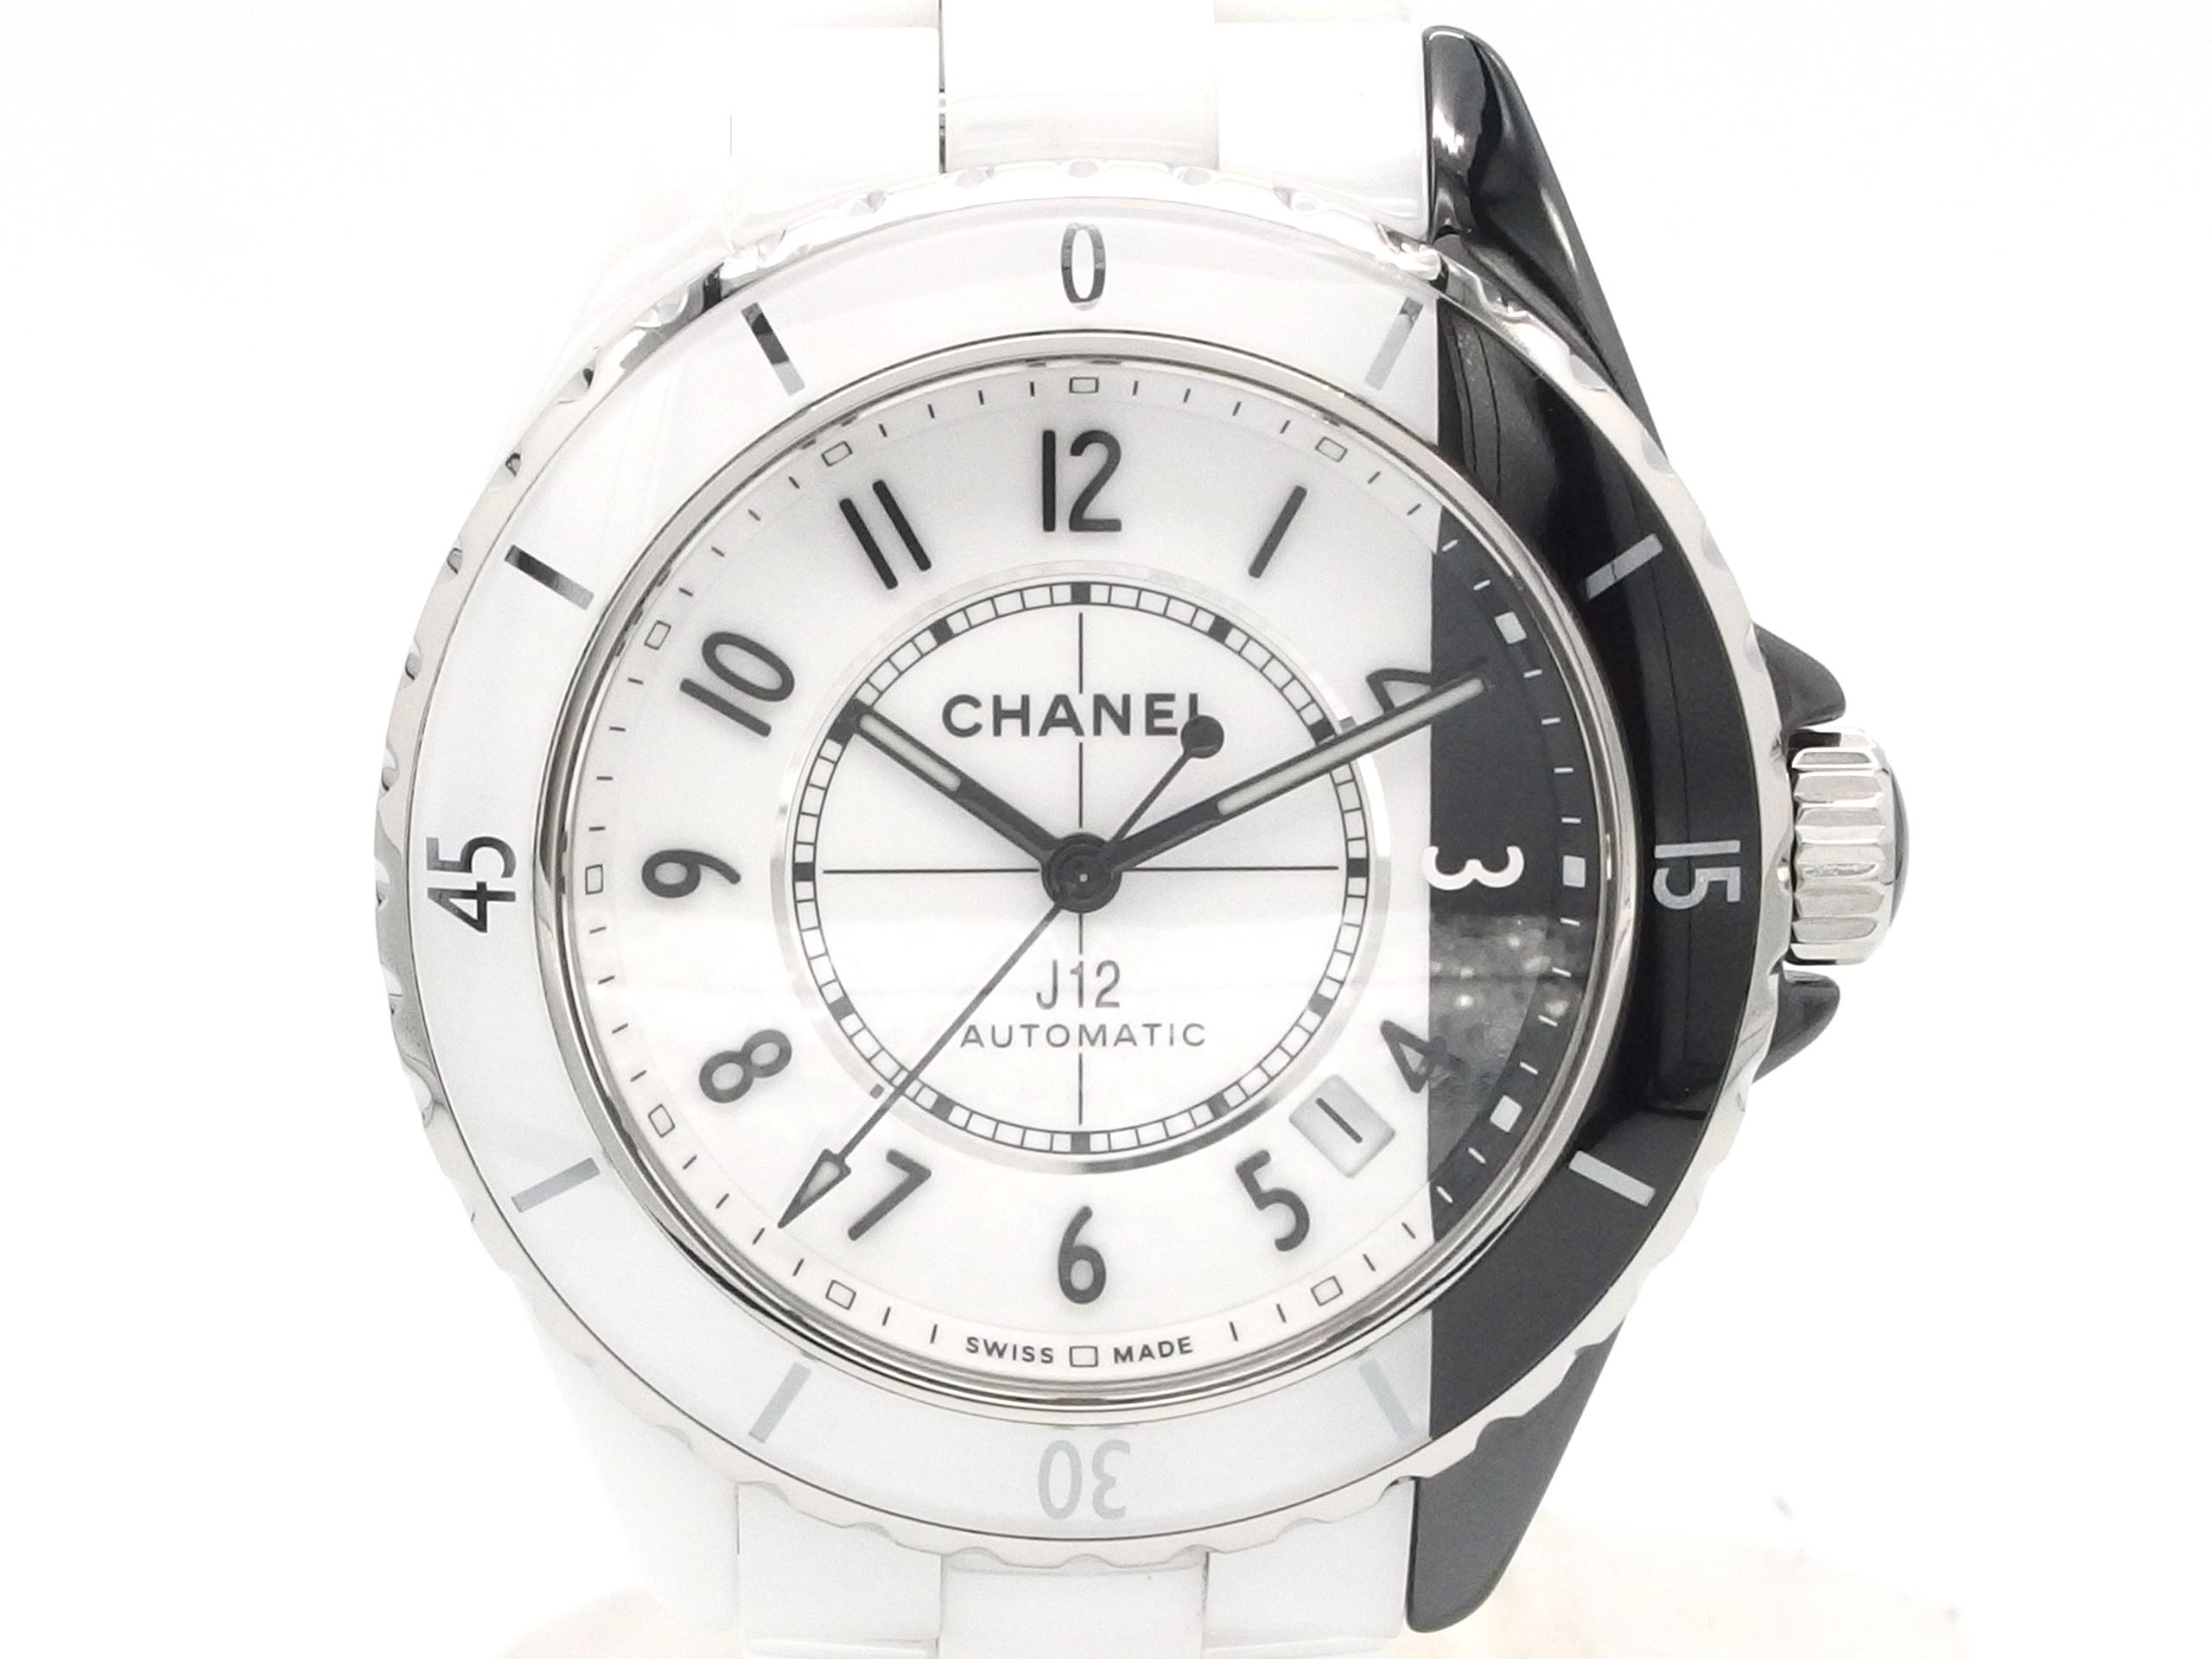 CHANEL シャネル 時計 J12パラドックス H6515 CE/SS ブラック&ホワイト 自動巻き【432】